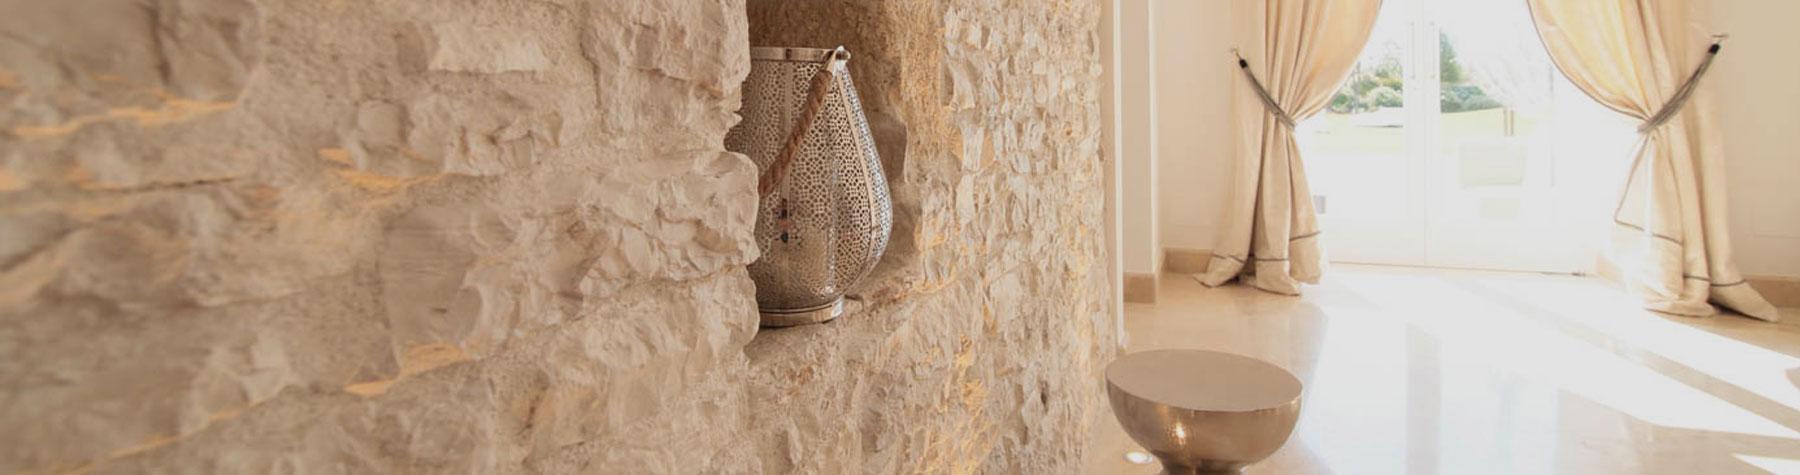 Uno stile tutto pugliese a Palazzo Arnieci